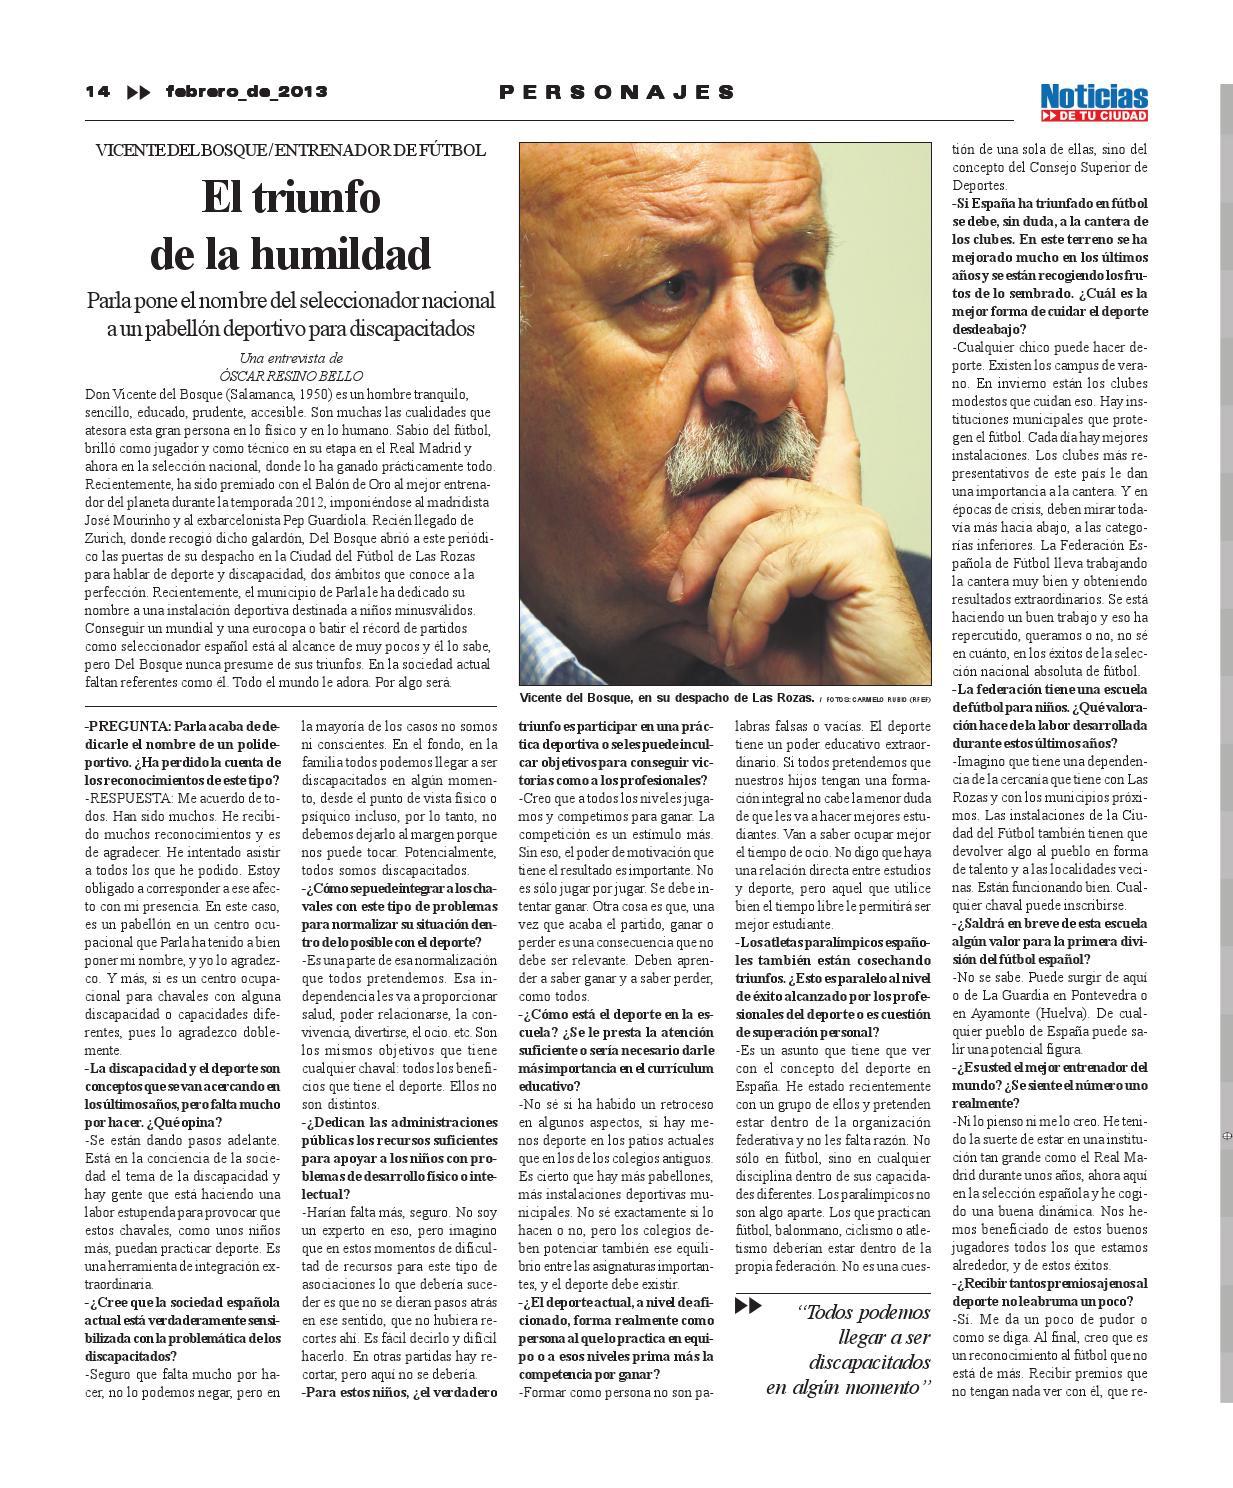 Entrevista al entrenador Vicente del Bosque (Febrero'2013)